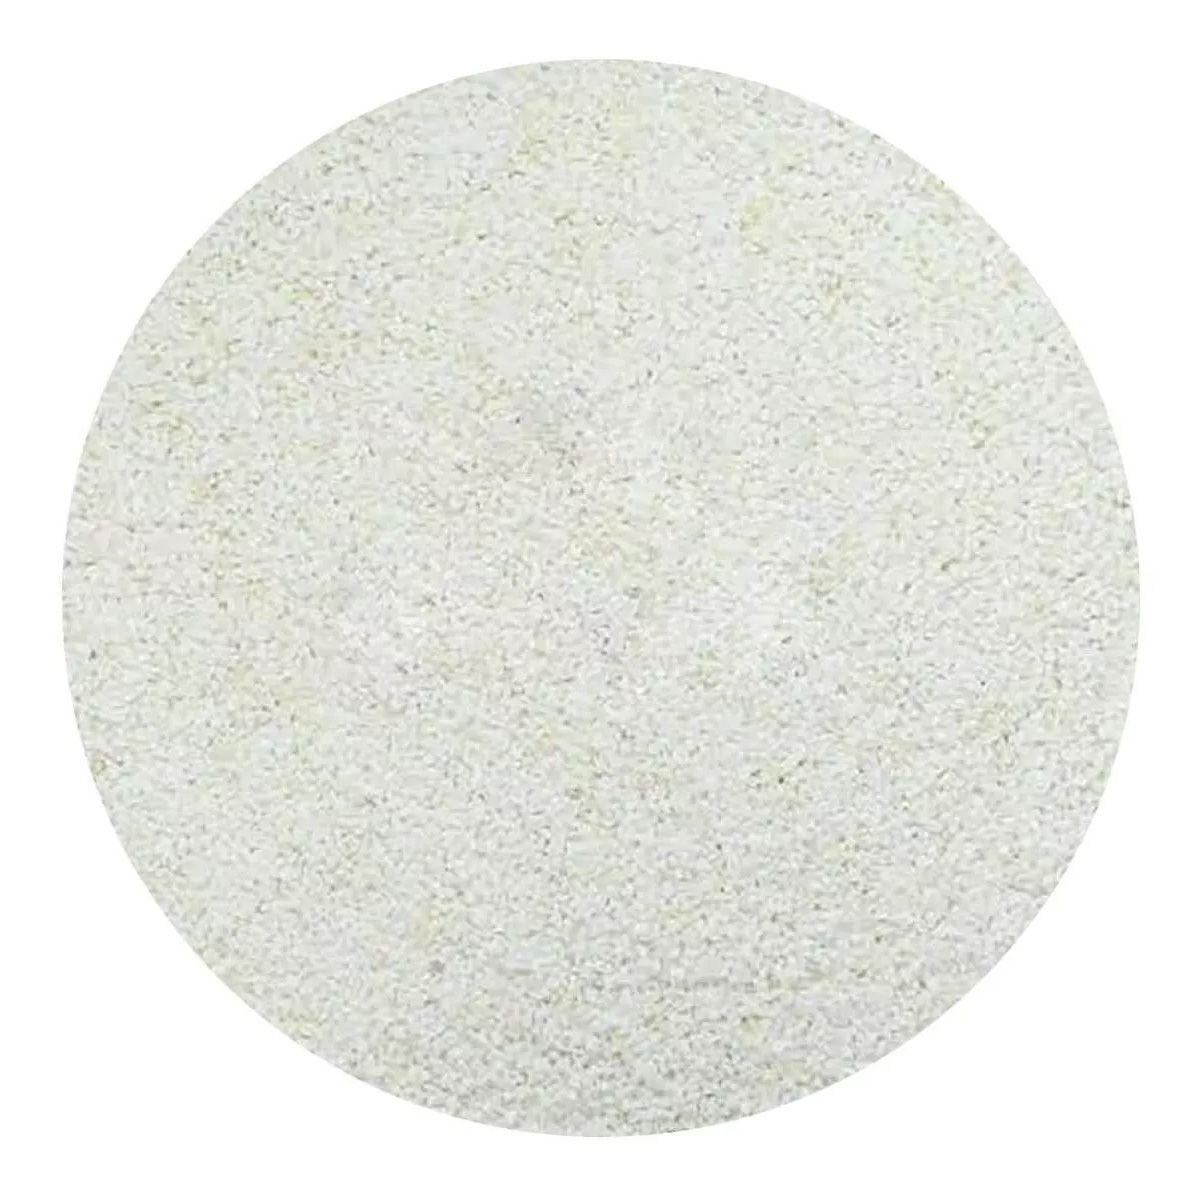 SUBSTRATO INERTE SNOW WHITE OCEAN TECH - 1KG (Produto Fracionado)